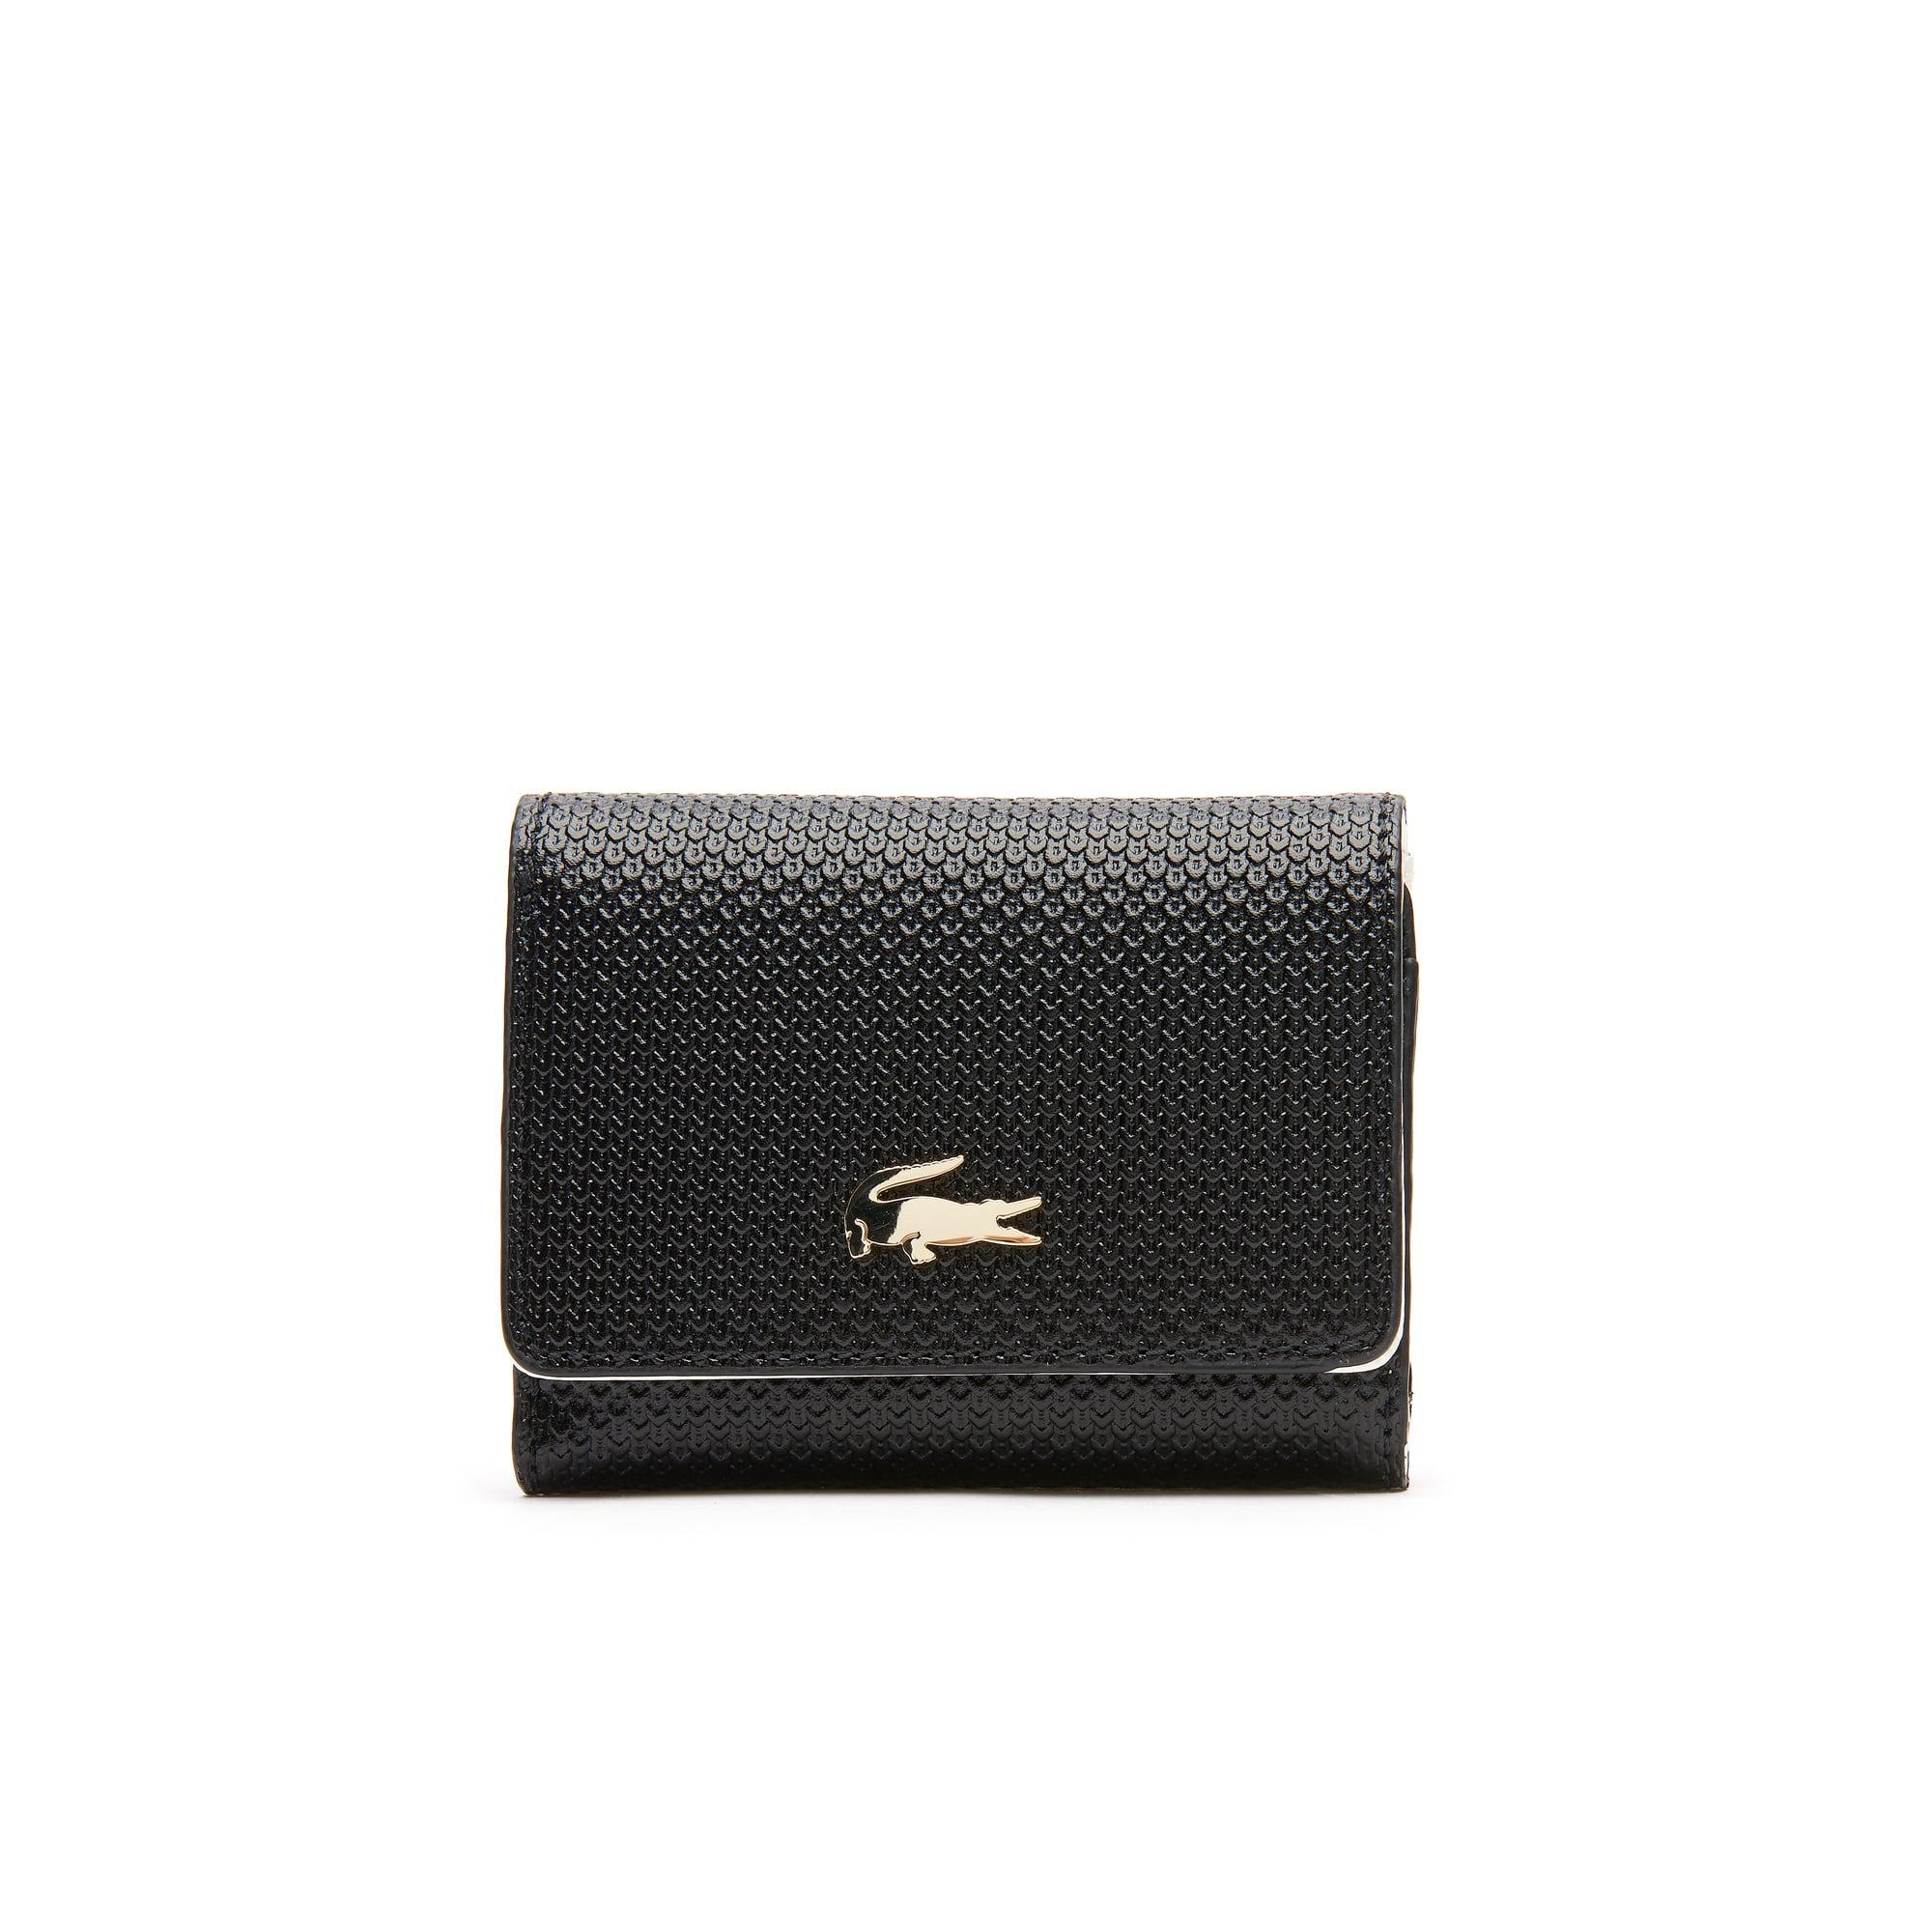 aabd74809b Lacoste Petit portefeuille Chantaco en cuir piqué bicolore 4 cartes Taille  Taille unique Black